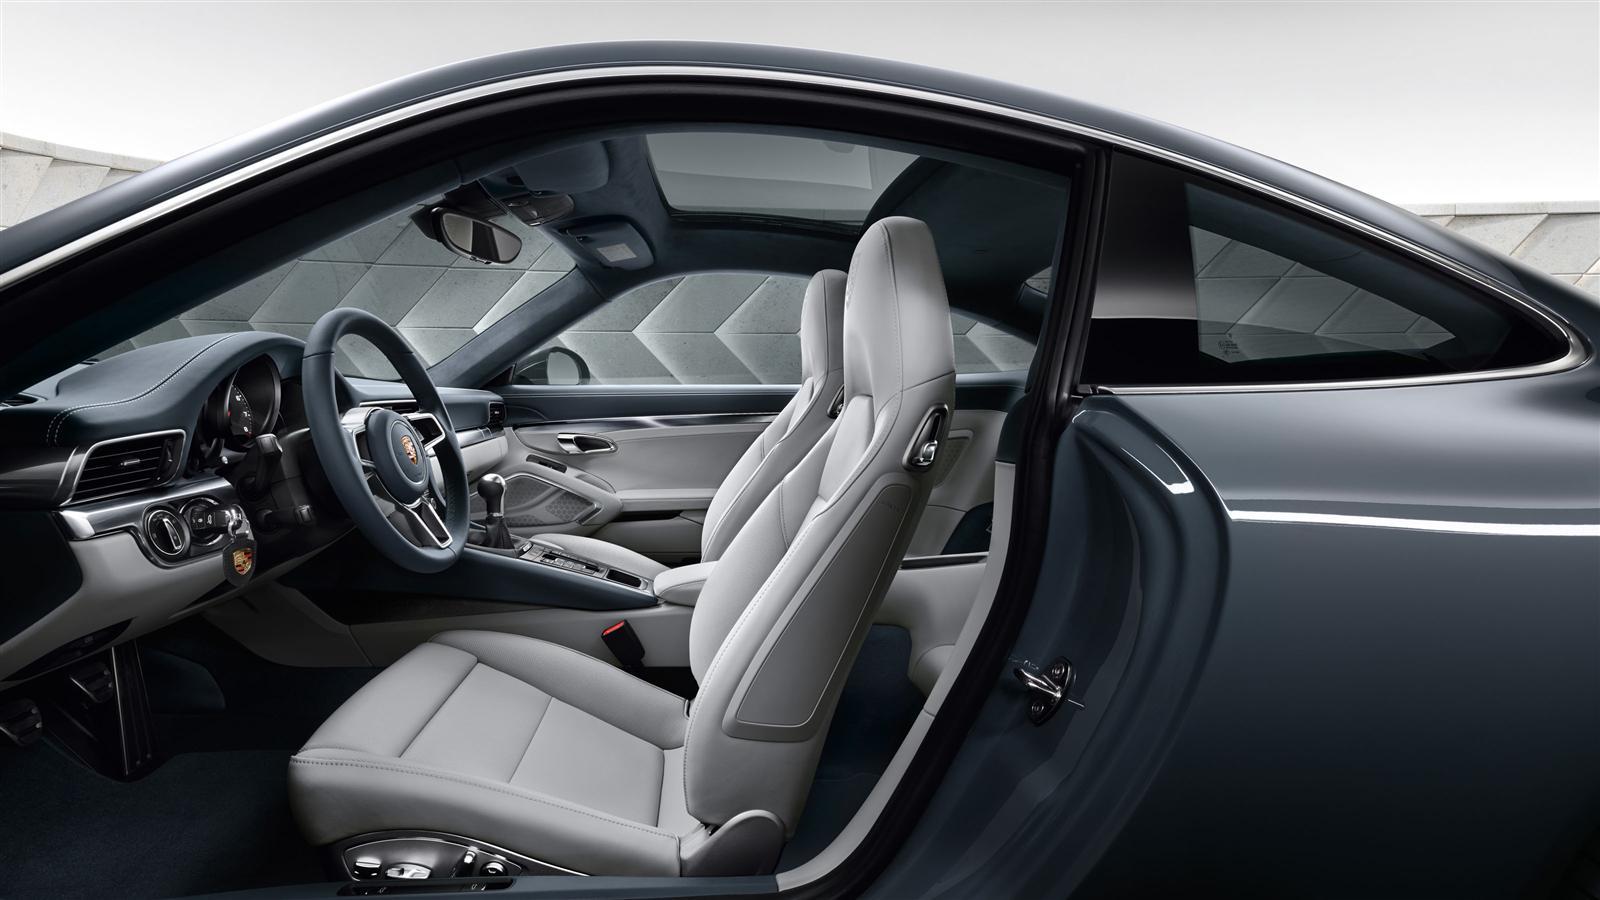 2017 Porsche 911 Carrera | Niello Porsche | Rocklin California ... on porsche 911 turbo targa, porsche 911 s targa, porsche 991 carrera 4s targa, porsche 911 targa 4s review, porsche 911 targa 4s symbol,